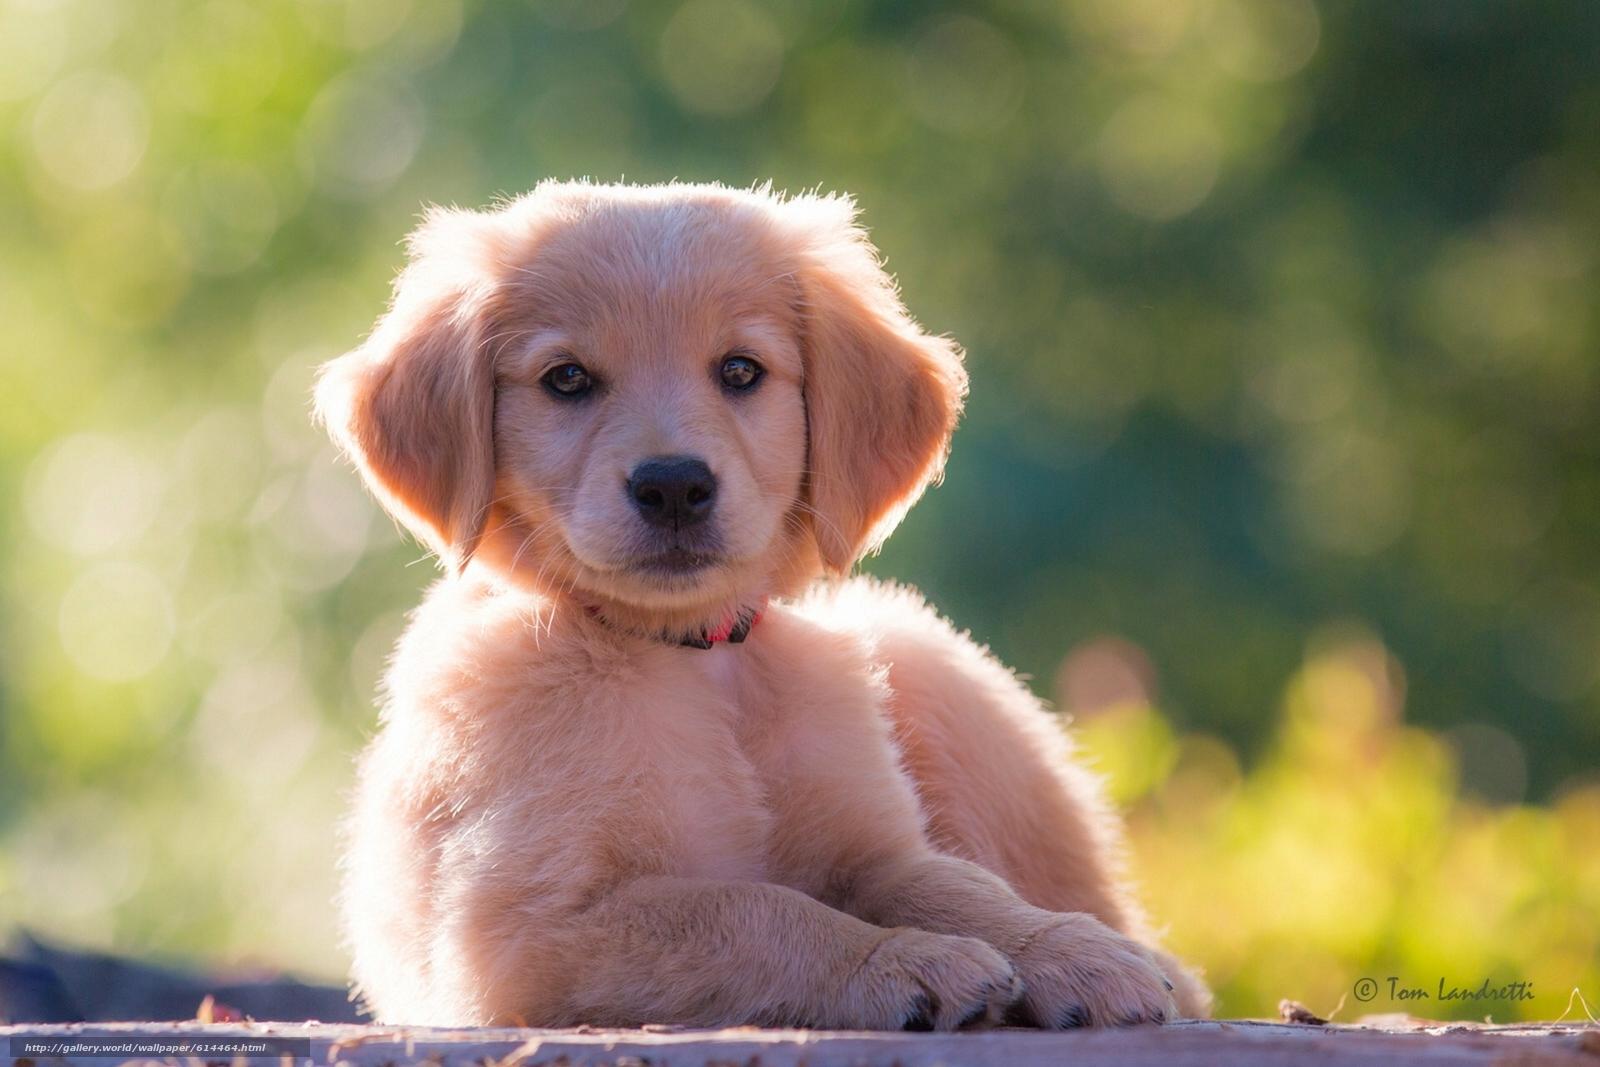 壁紙をダウンロード ゴールデンレトリバー, ゴールデンレトリバー, 犬, 子犬 デスクトップの解像度のための無料壁紙 ...